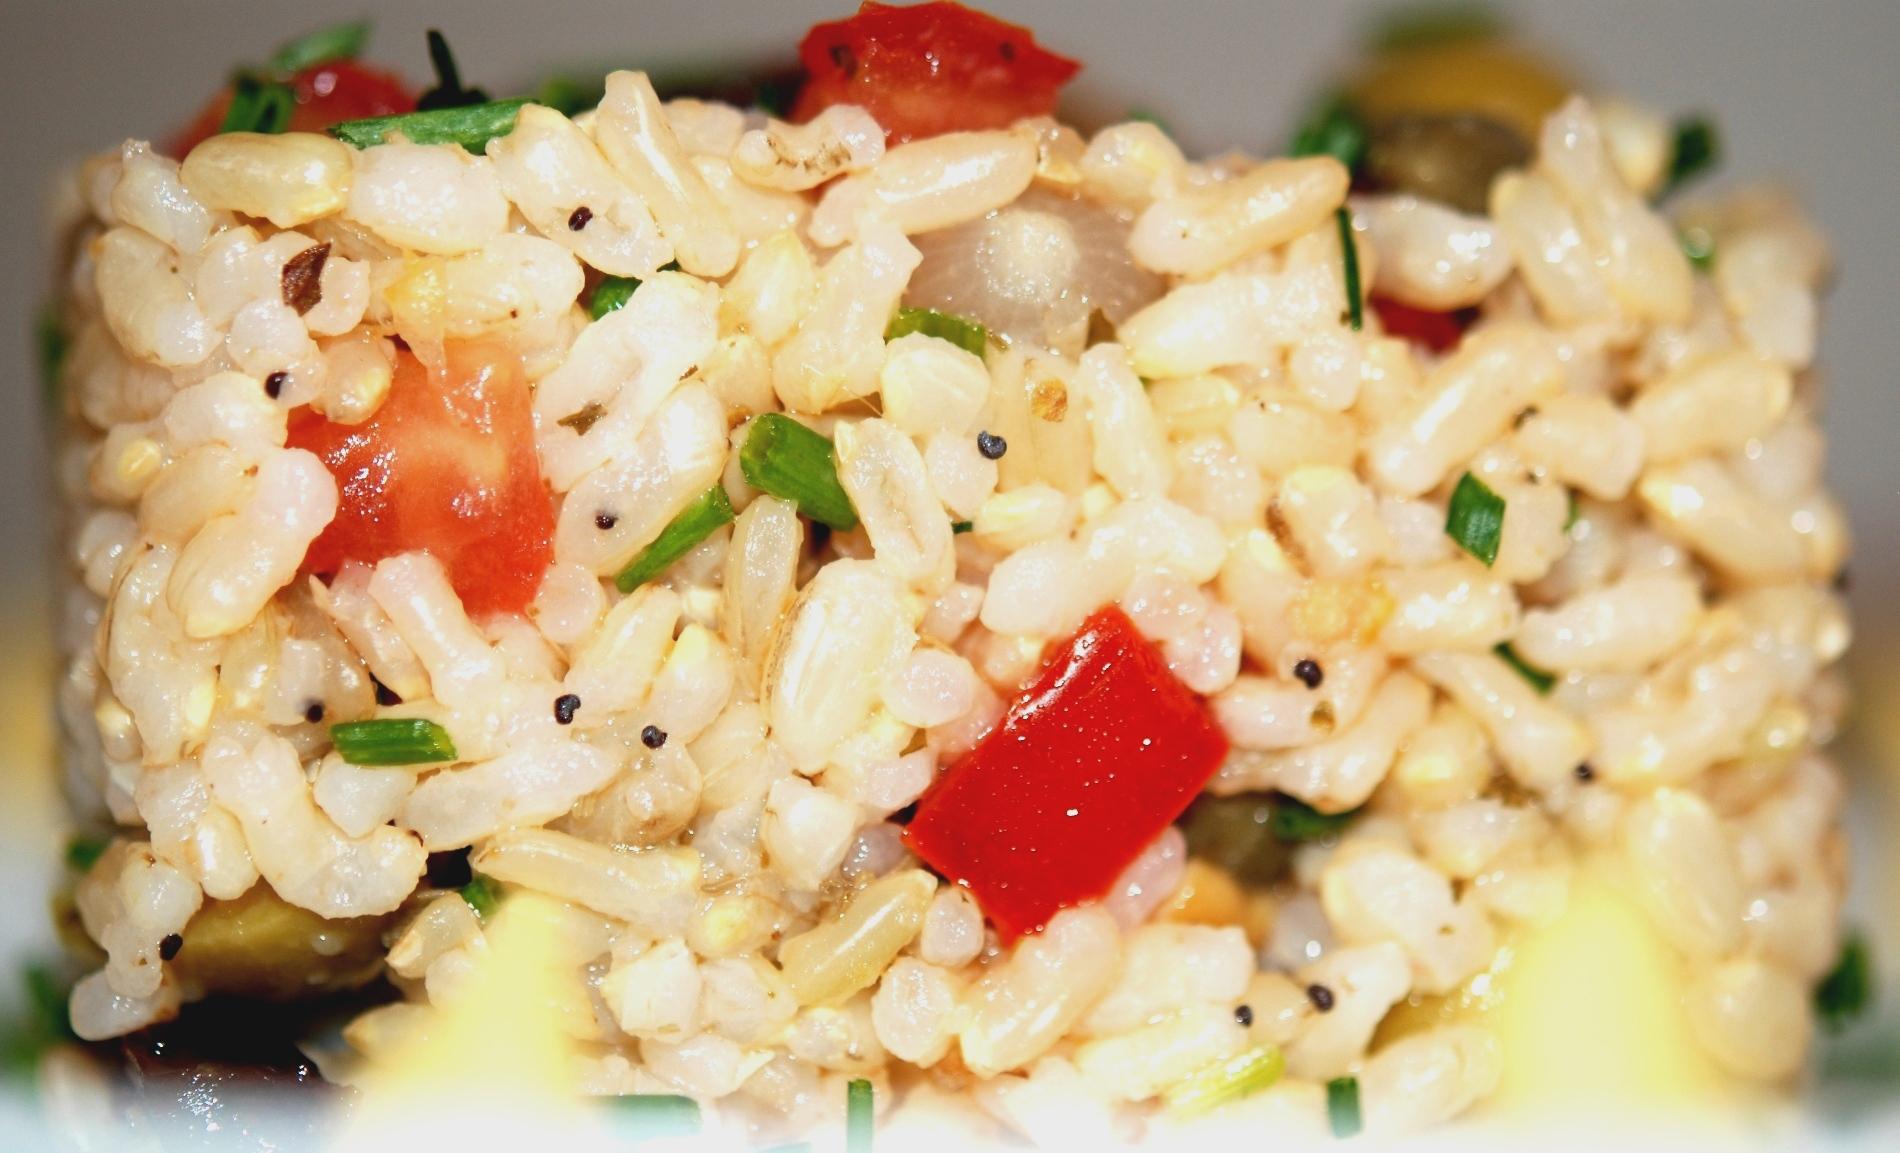 Insalata di riso con noci